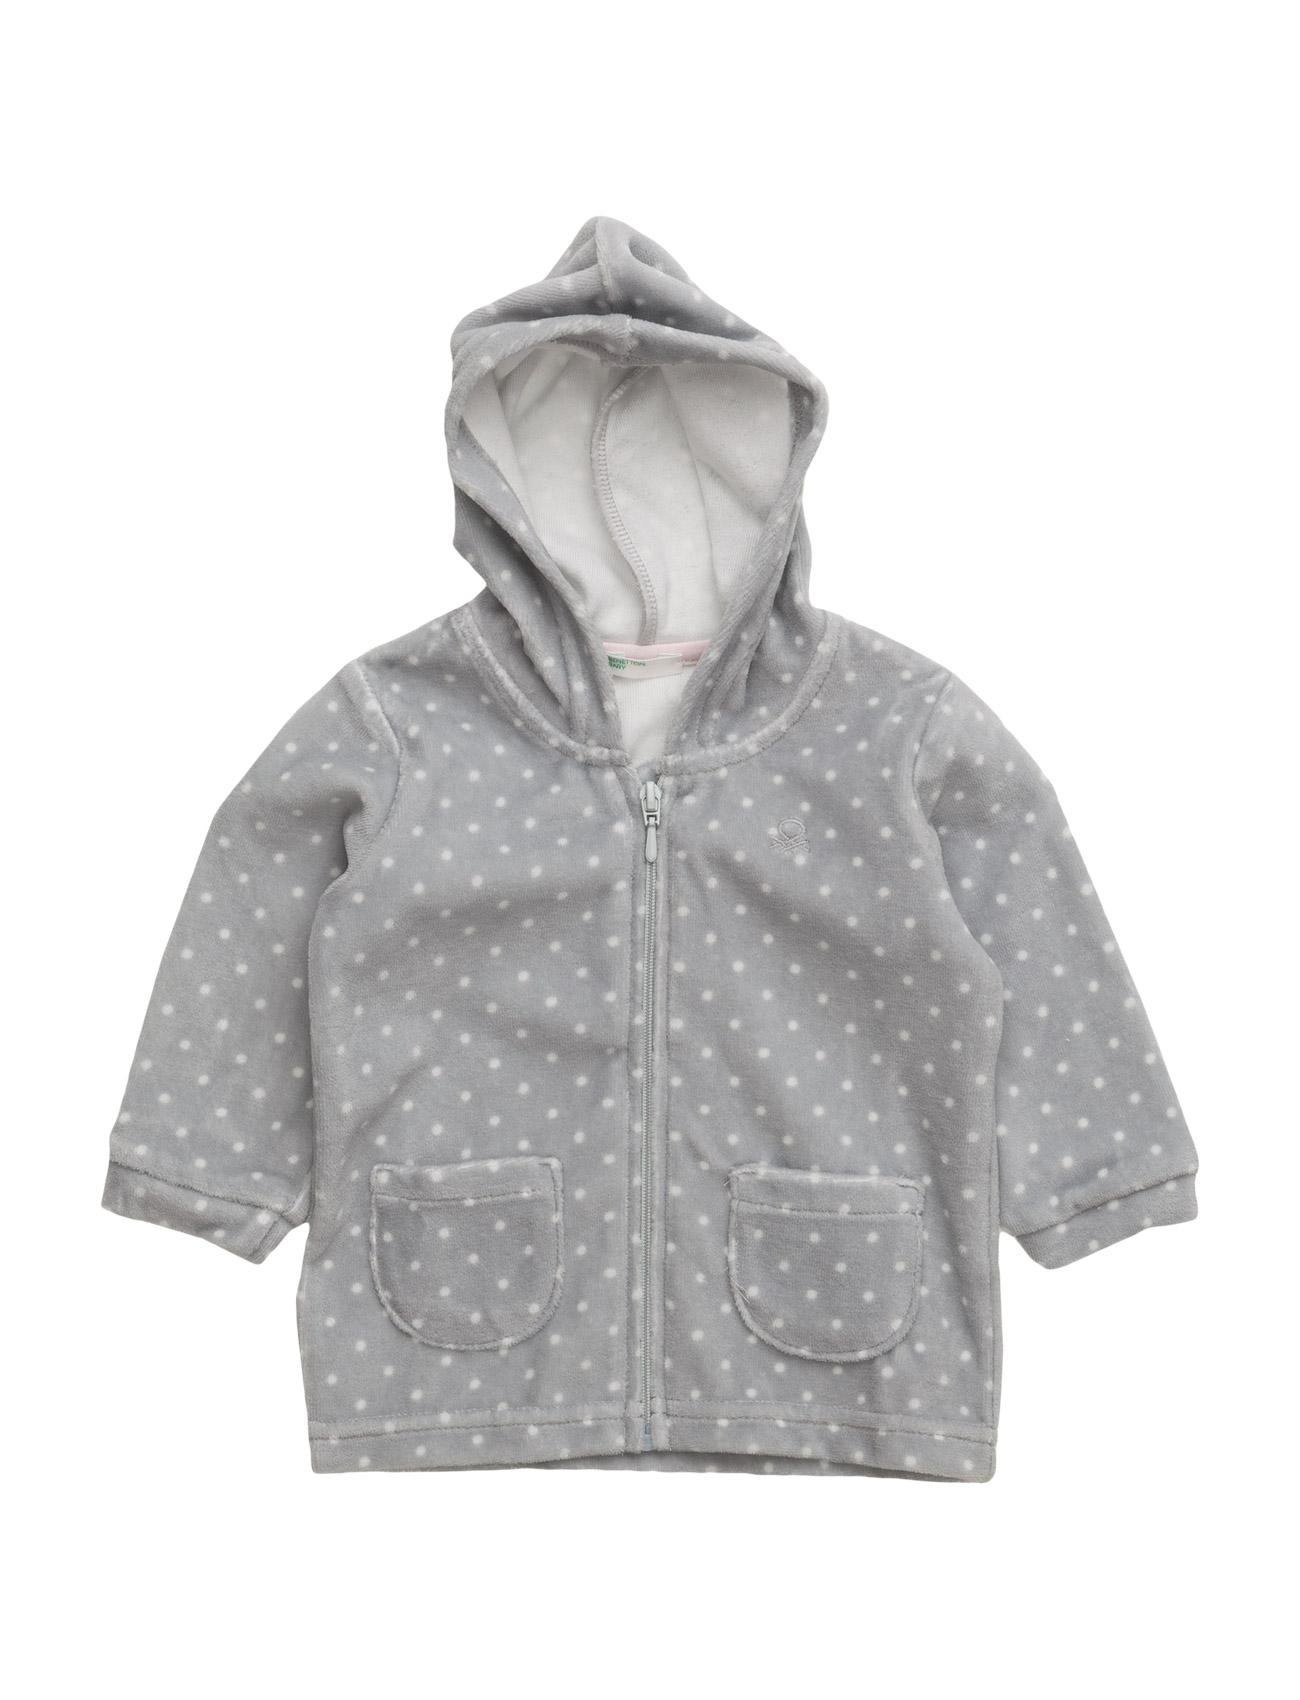 Jacket W/Hood L/S United Colors of Benetton  til Børn i